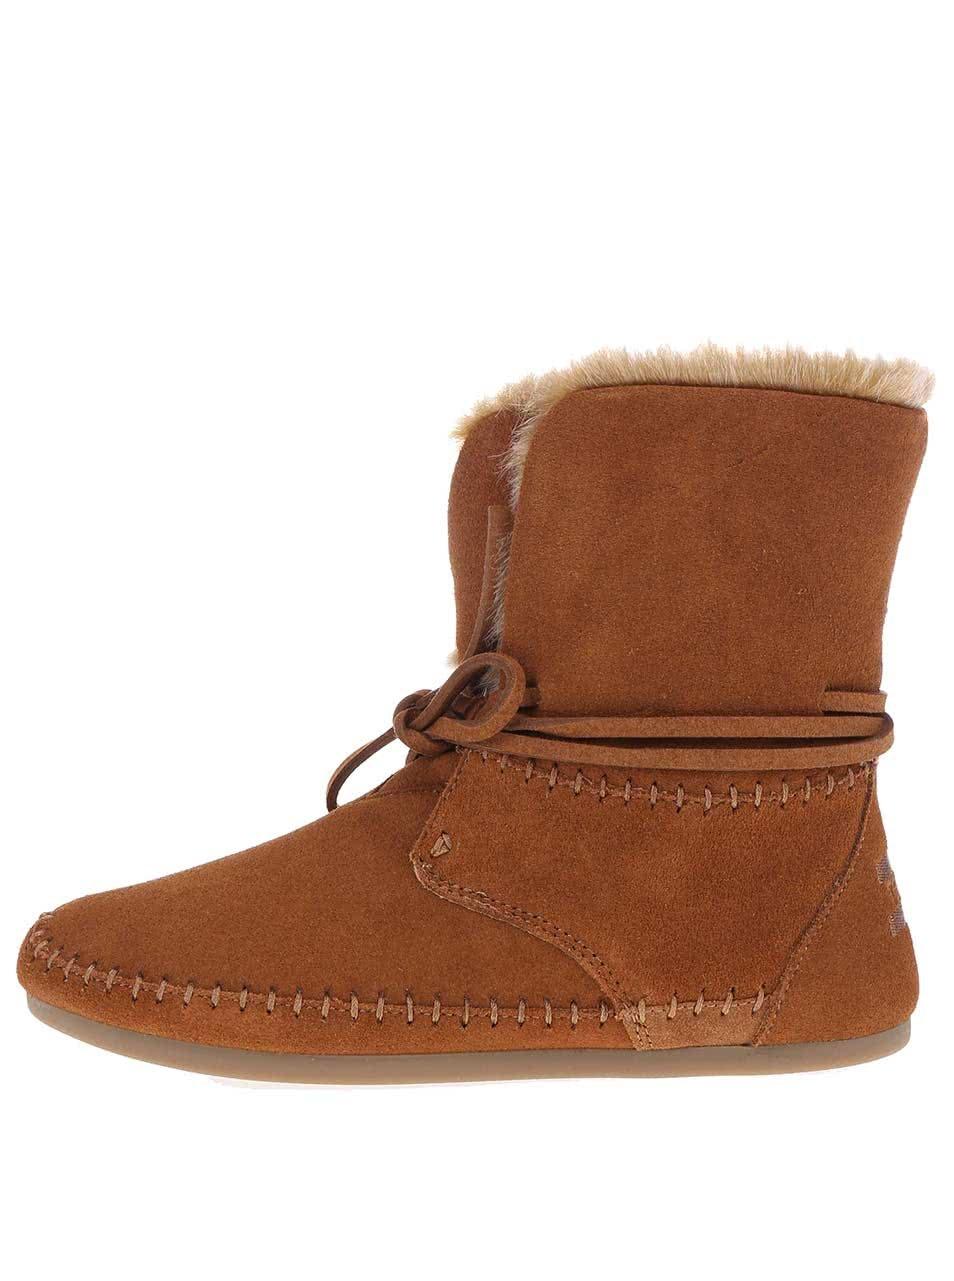 Hnědé dámské kožené boty s kožíškem TOMS Zahara ... e0a5a93047